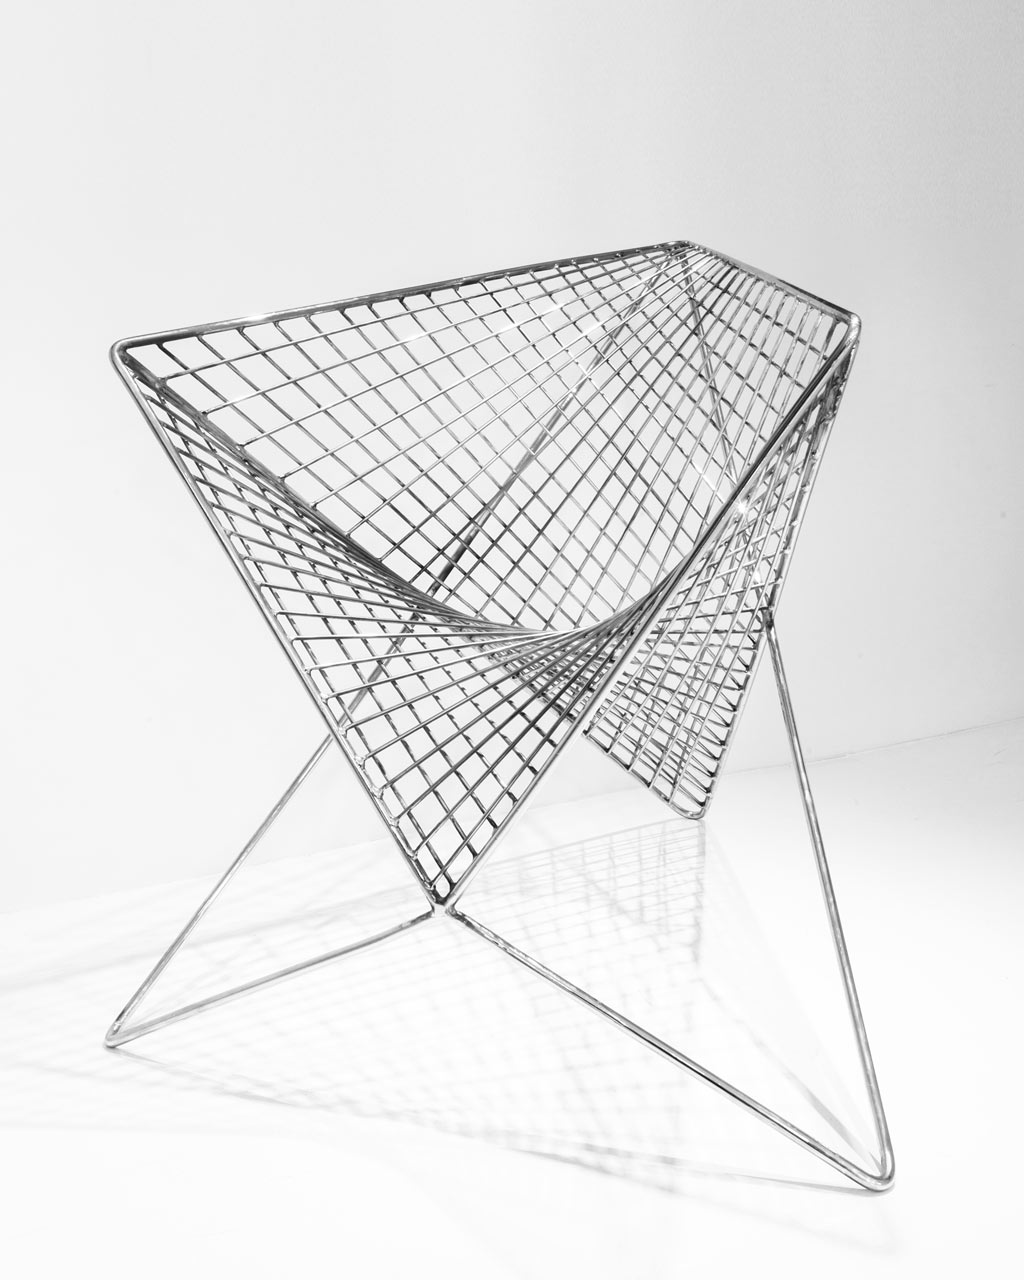 parabola-chair-carlo-aiello-4